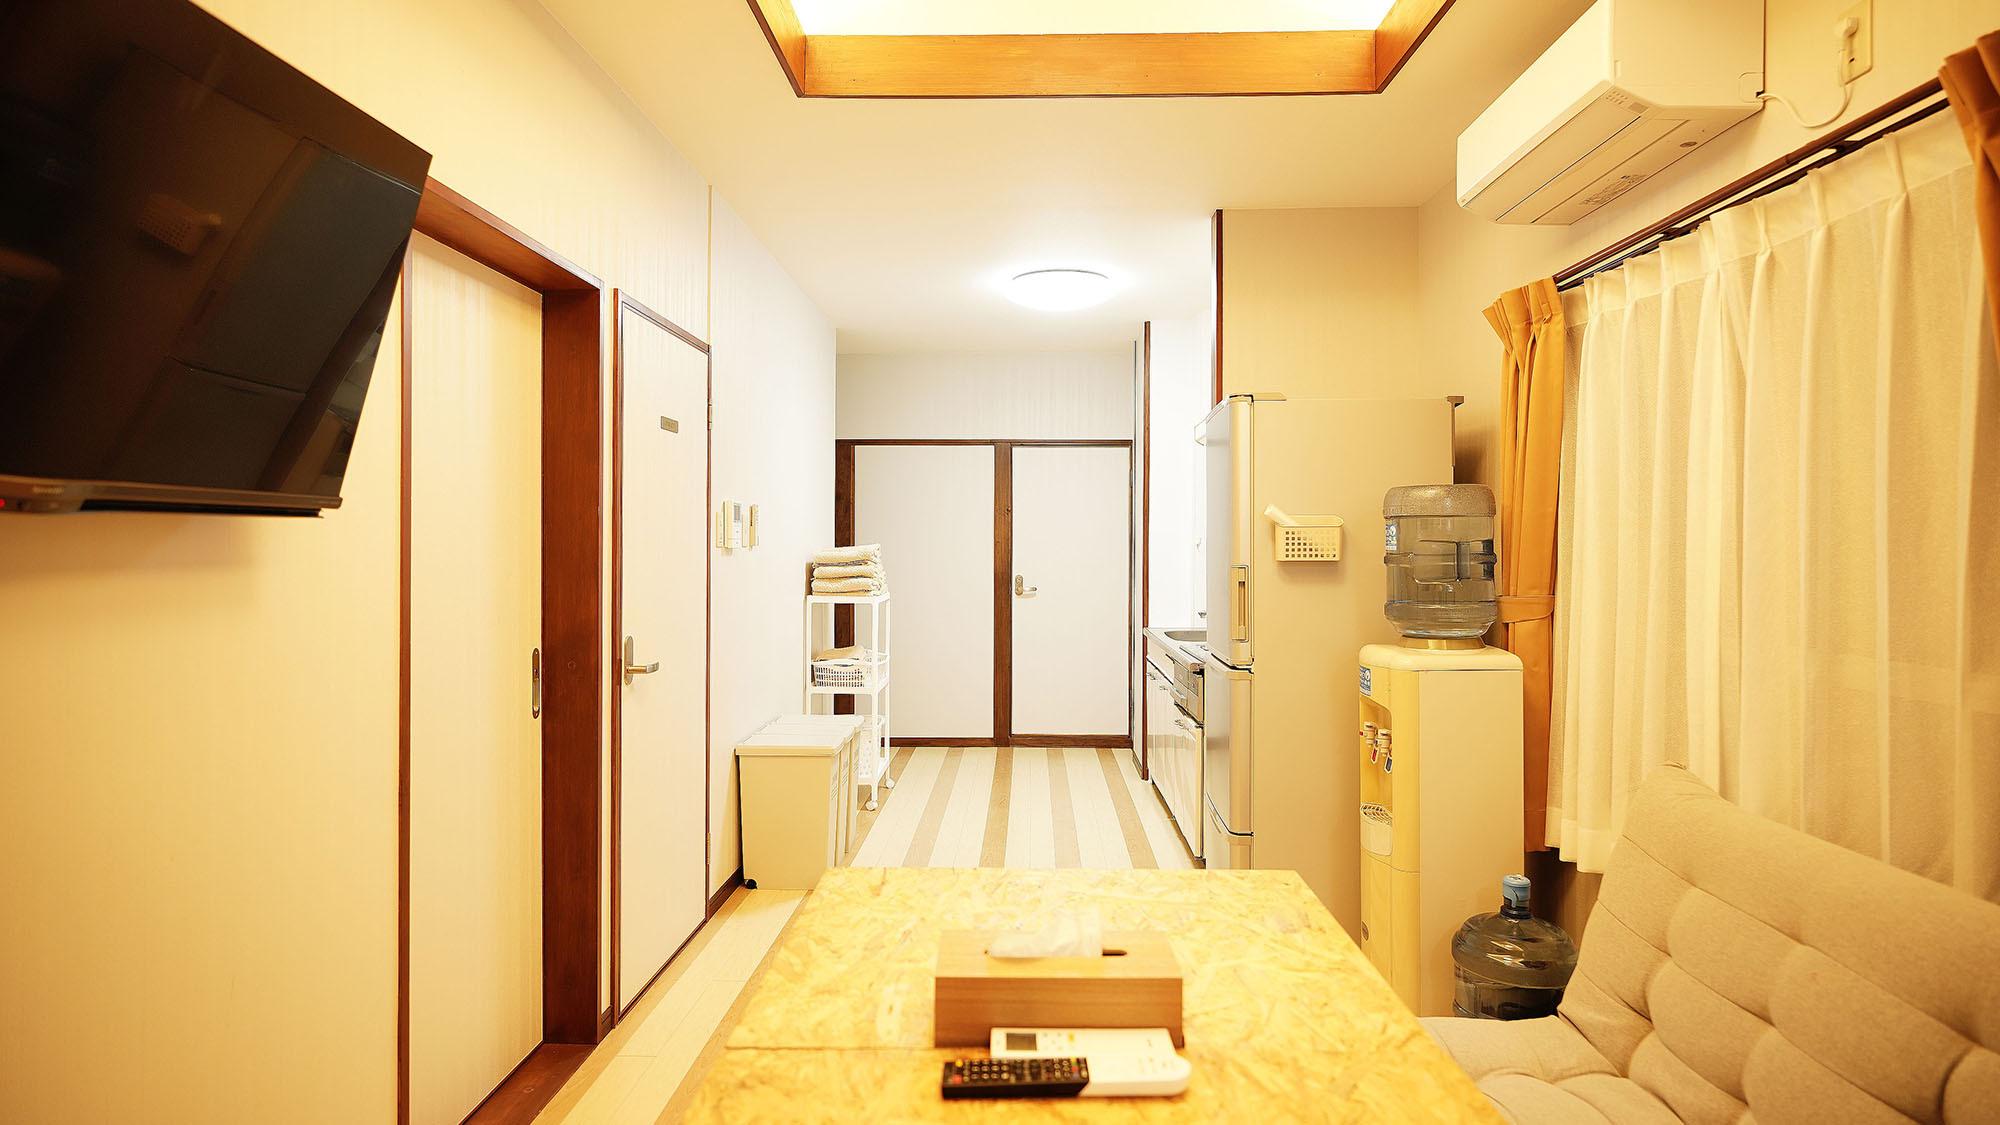 ・201号室:お部屋全体の雰囲気